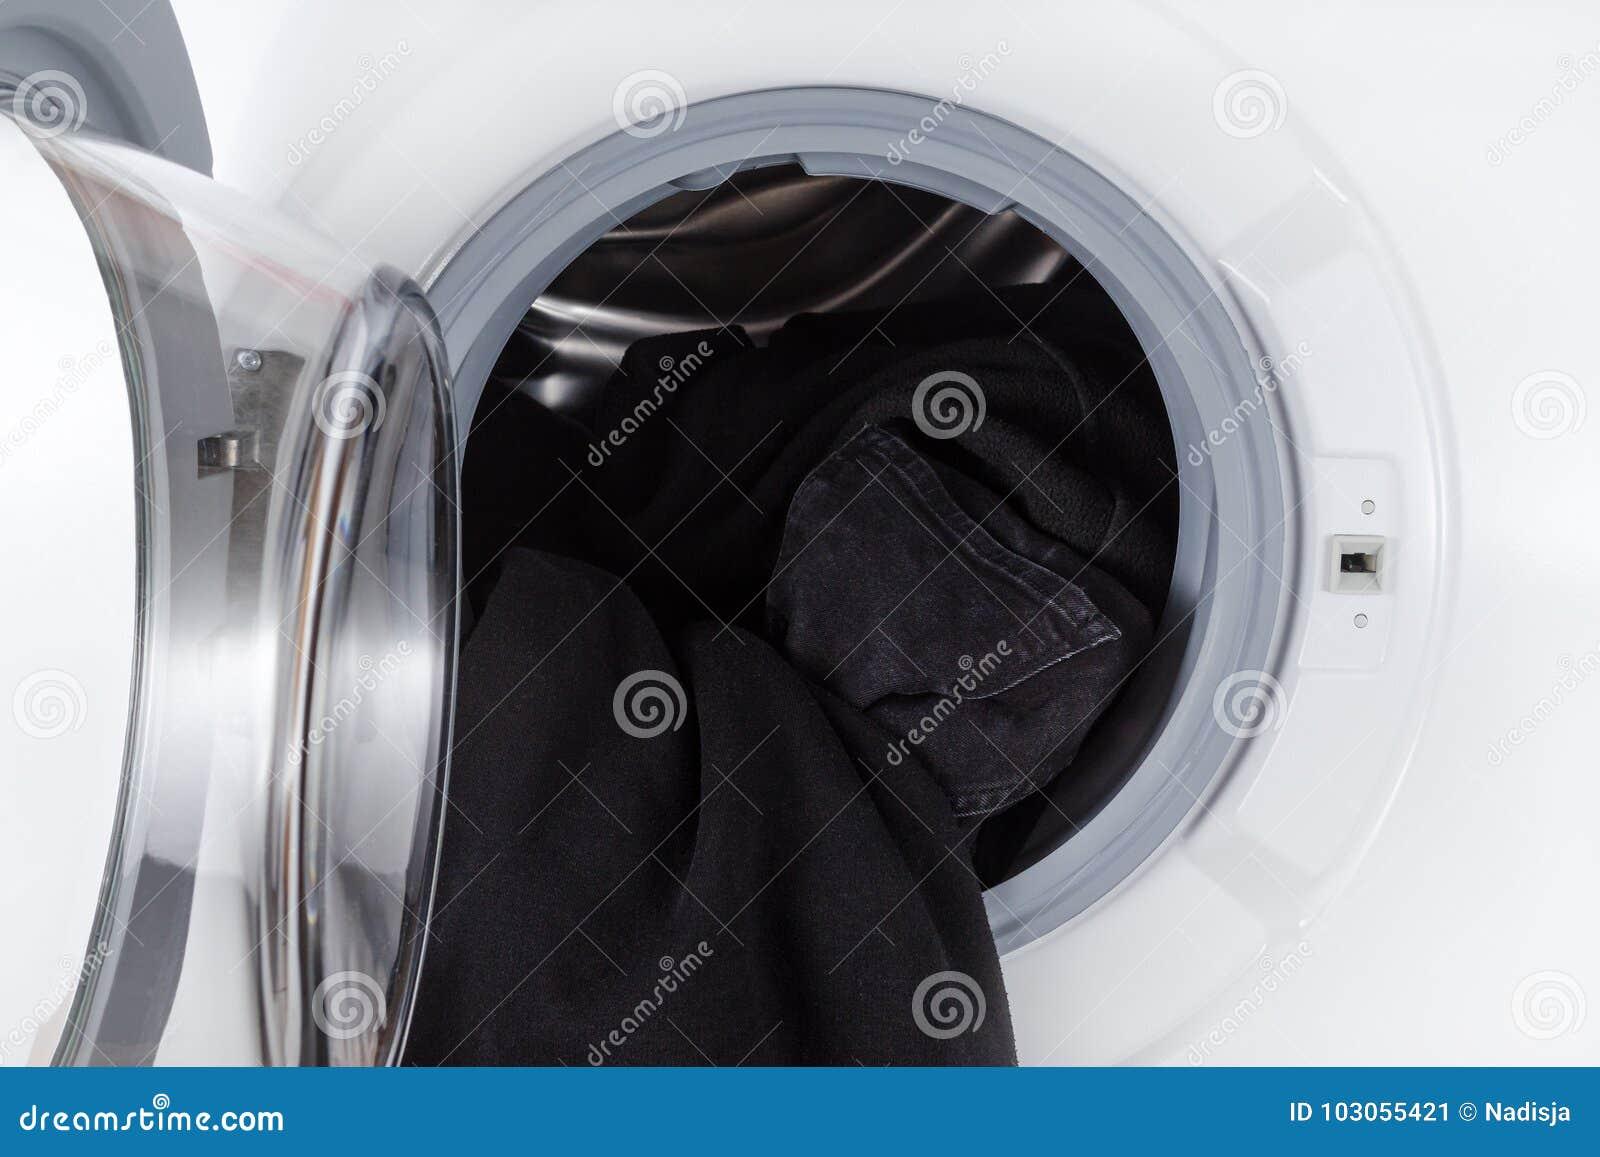 En lavant les vêtements noirs, ouvrez le plan rapproché de machine de lavage